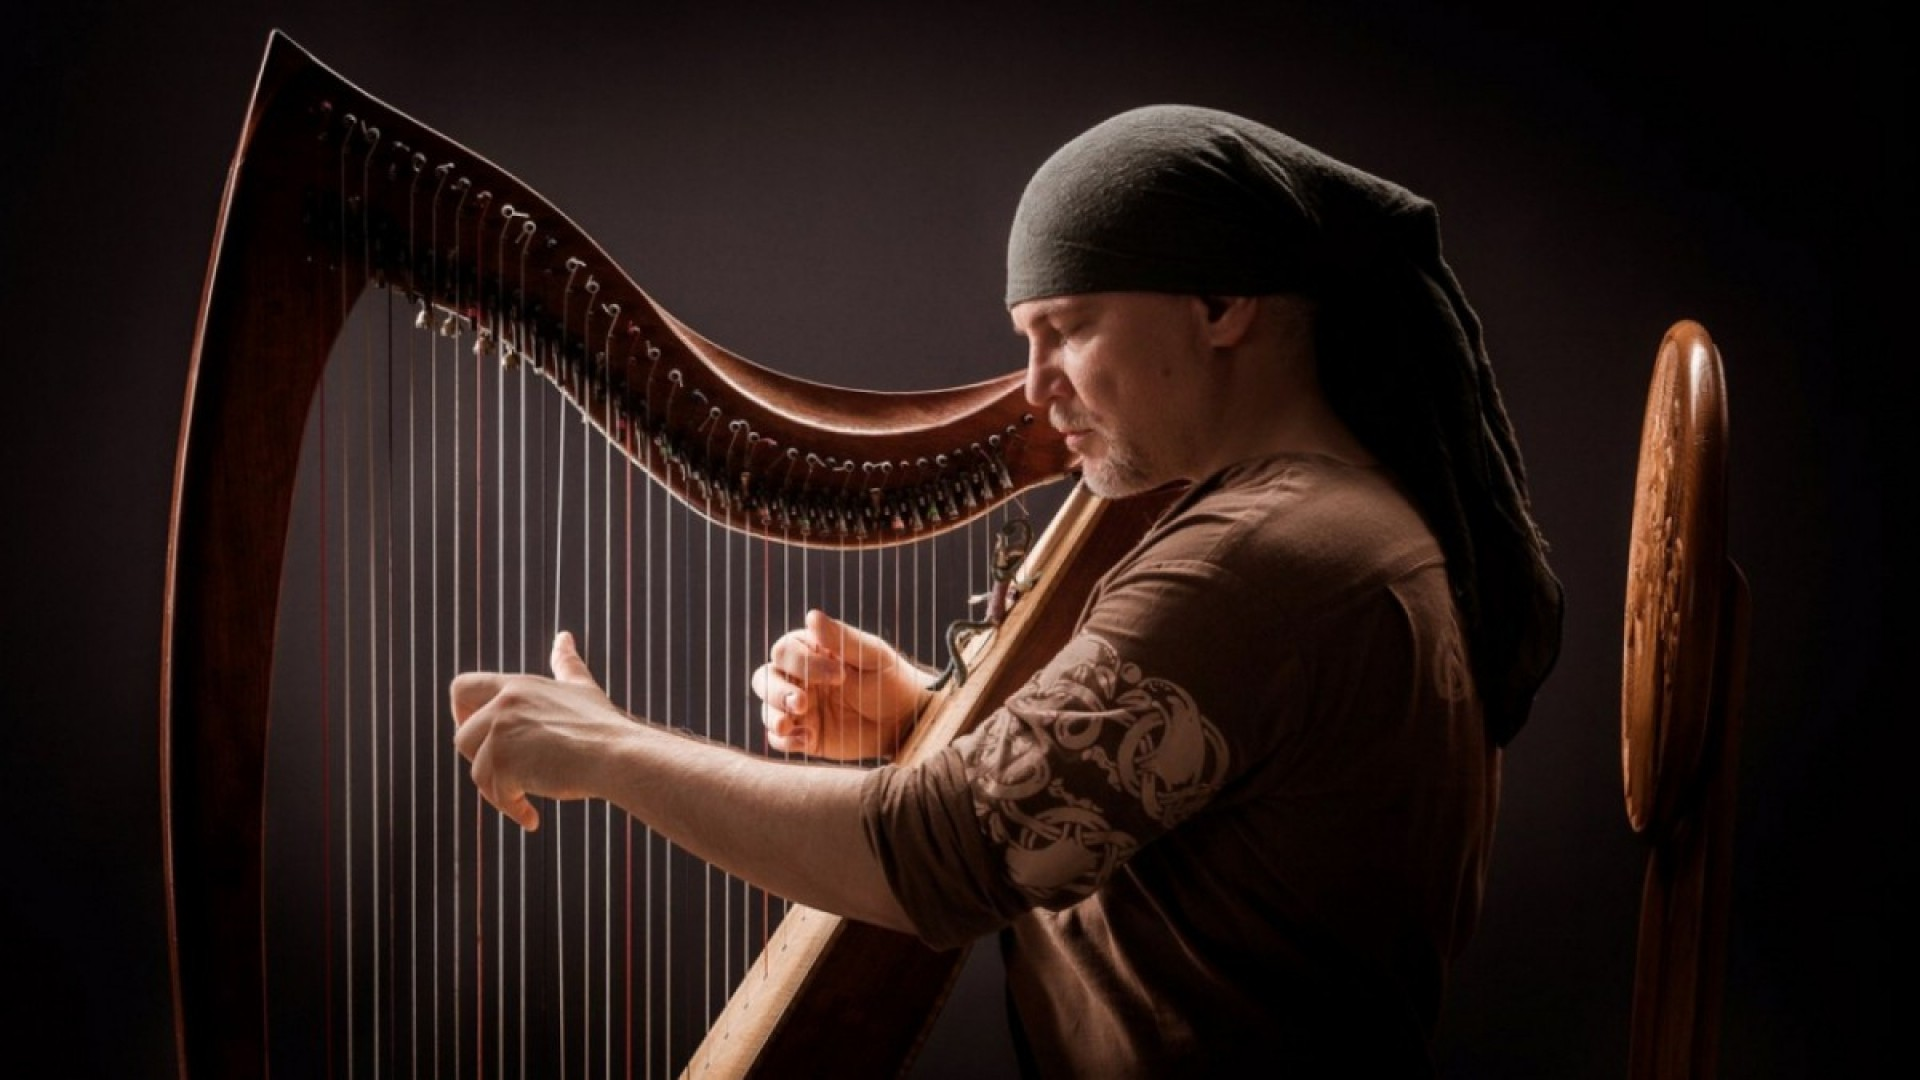 Музыка для медитации: волшебная арфа Элизбара